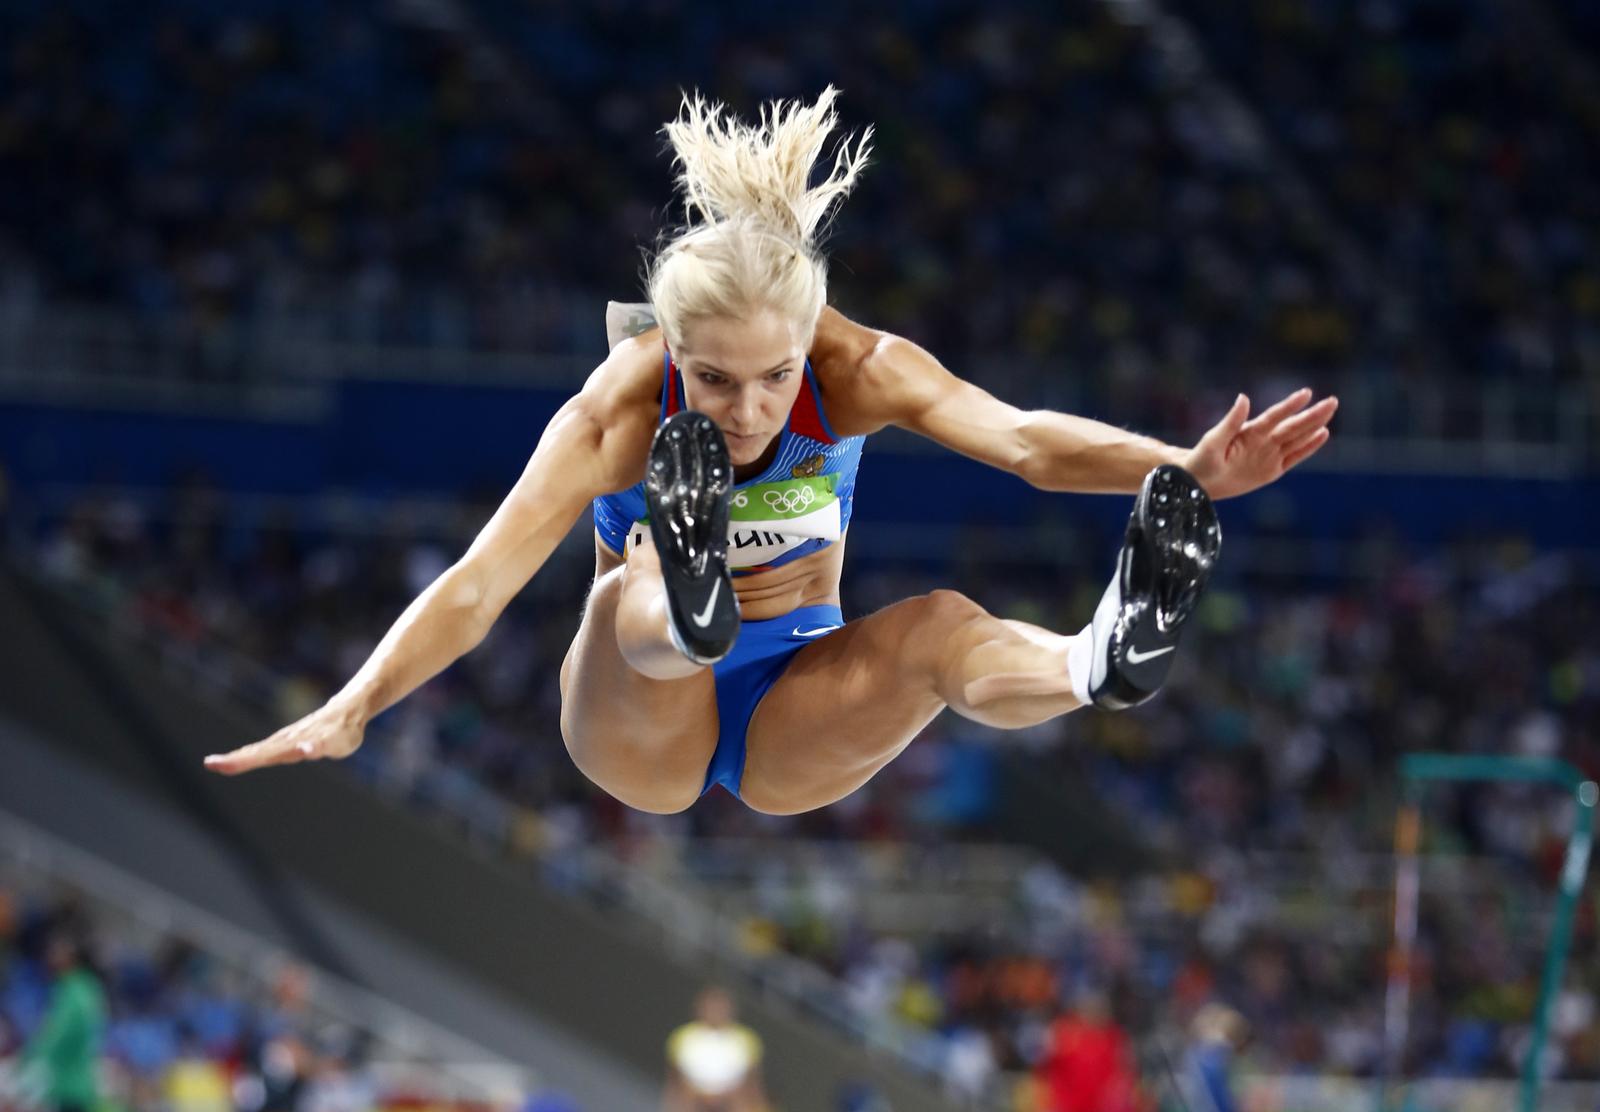 Единственная легкотлетка из России Дарья Клишина, допущенная к Олимпийским играм в Рио, начала свое выступление